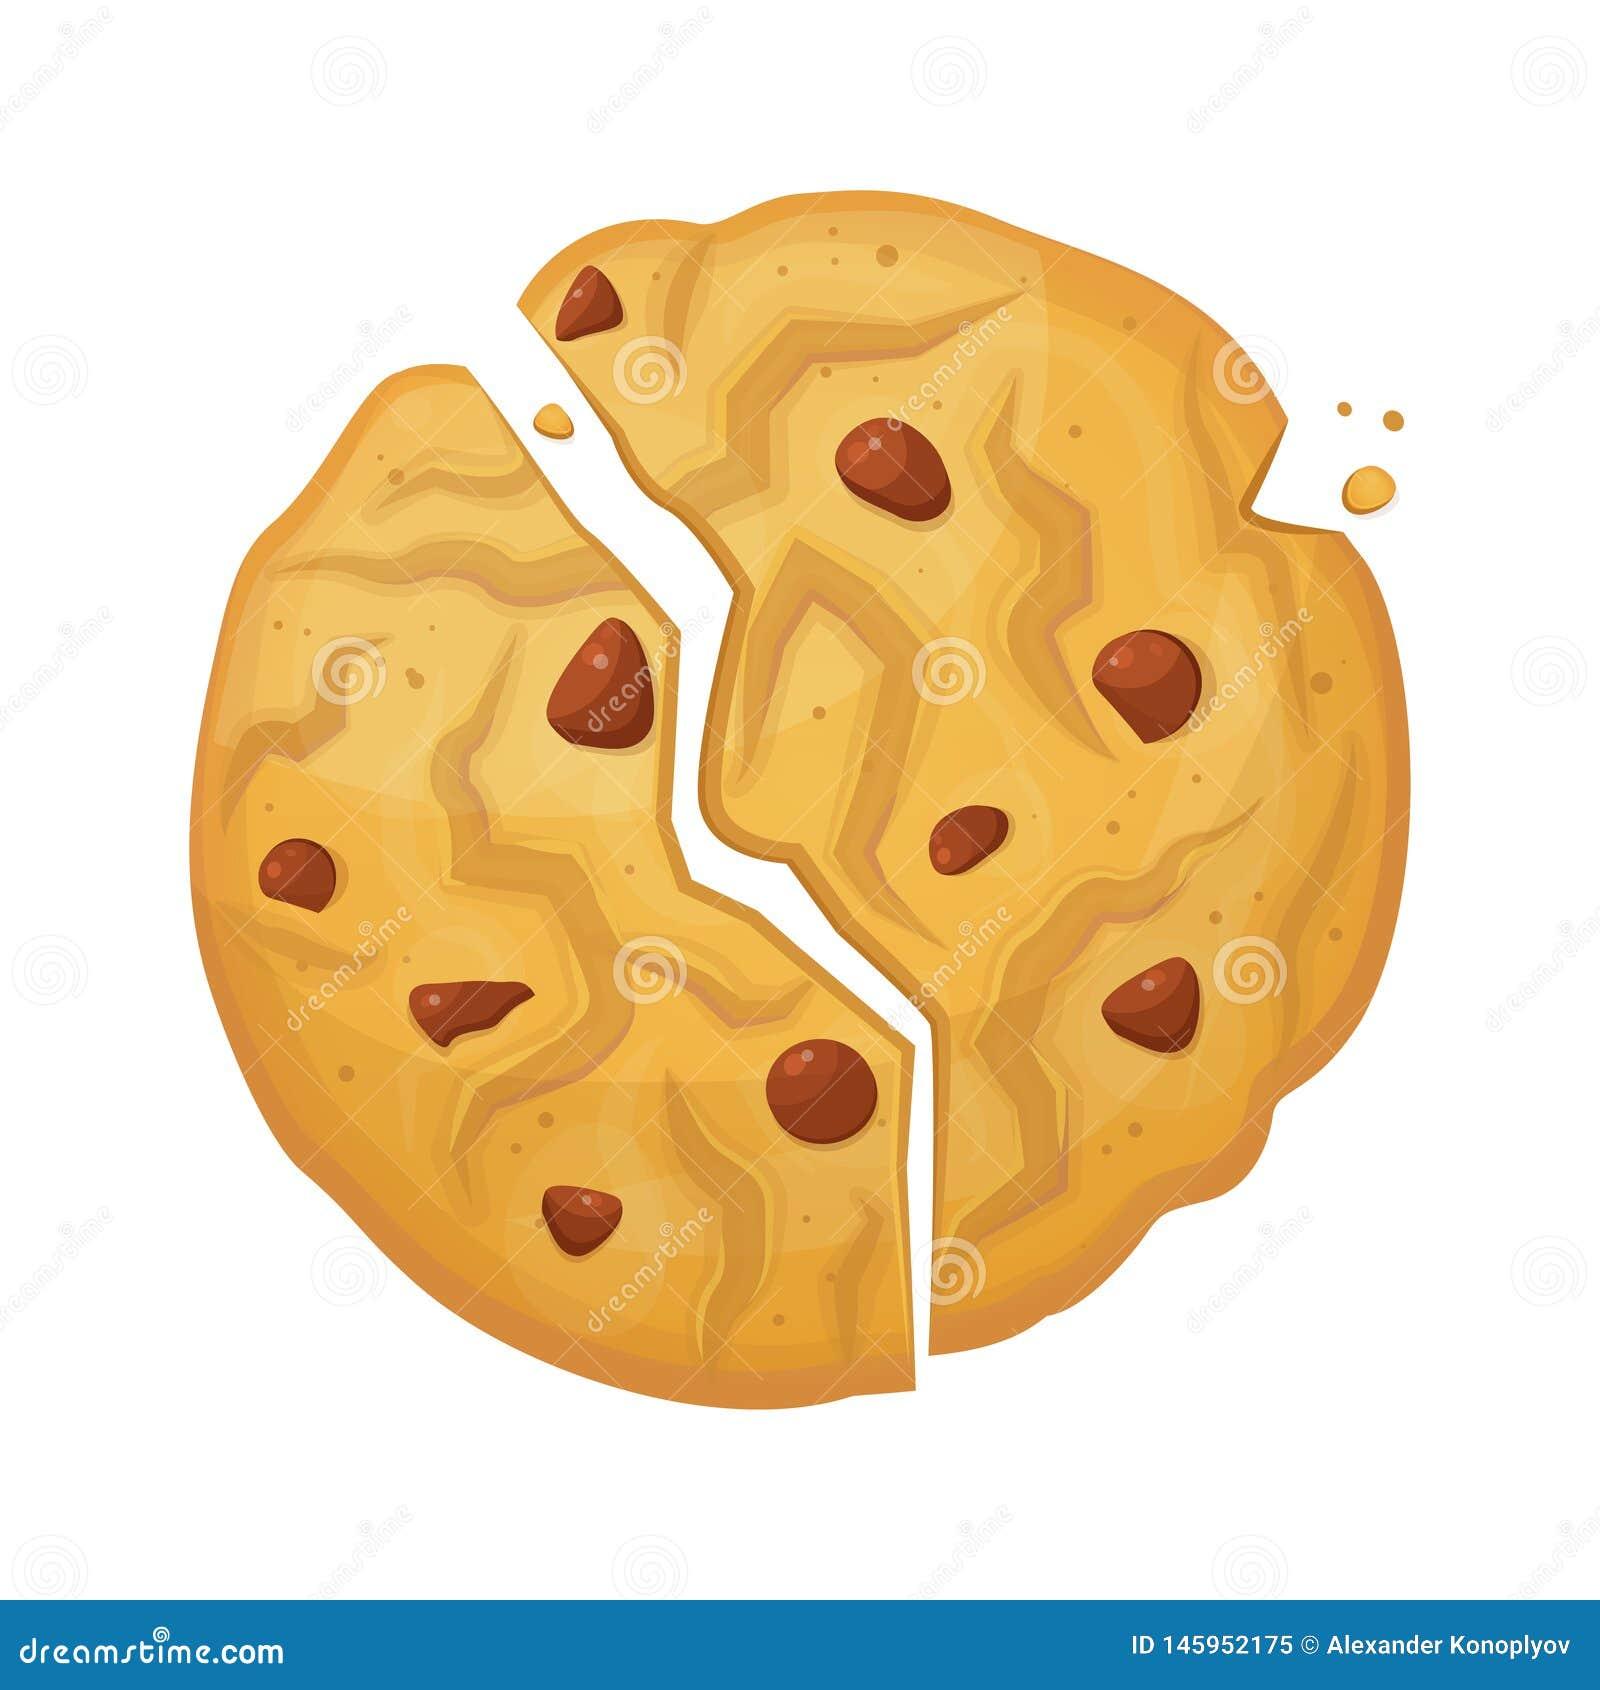 Ícone quebrado do biscoito da farinha de aveia, petisco cozido friável